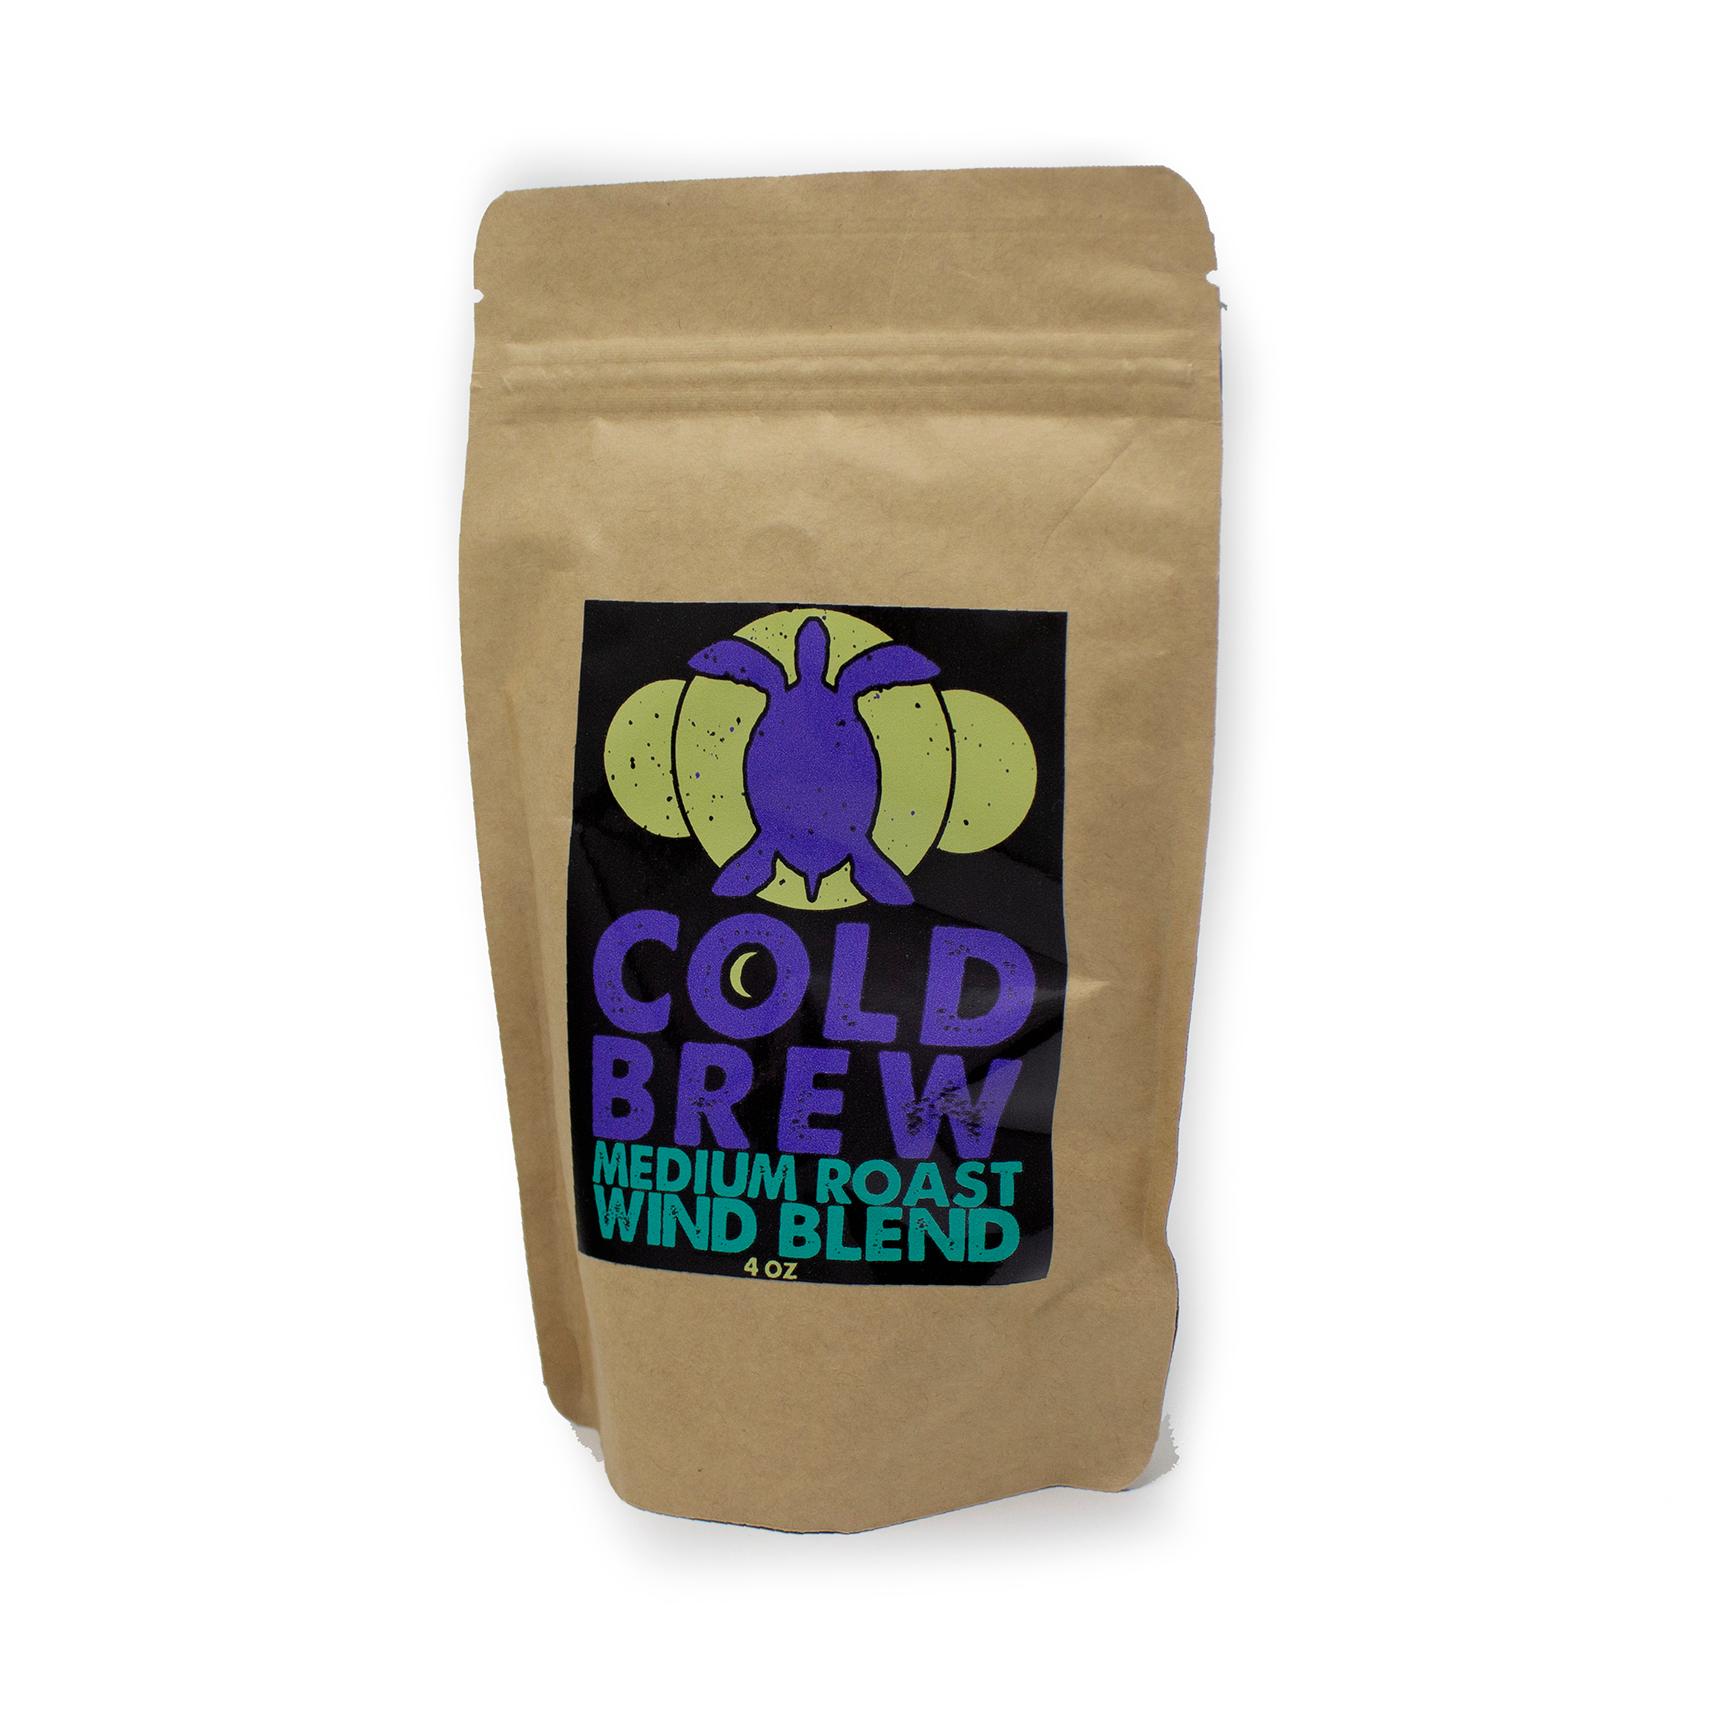 Medium Roast Wind Blend Coffee, 4 oz-1